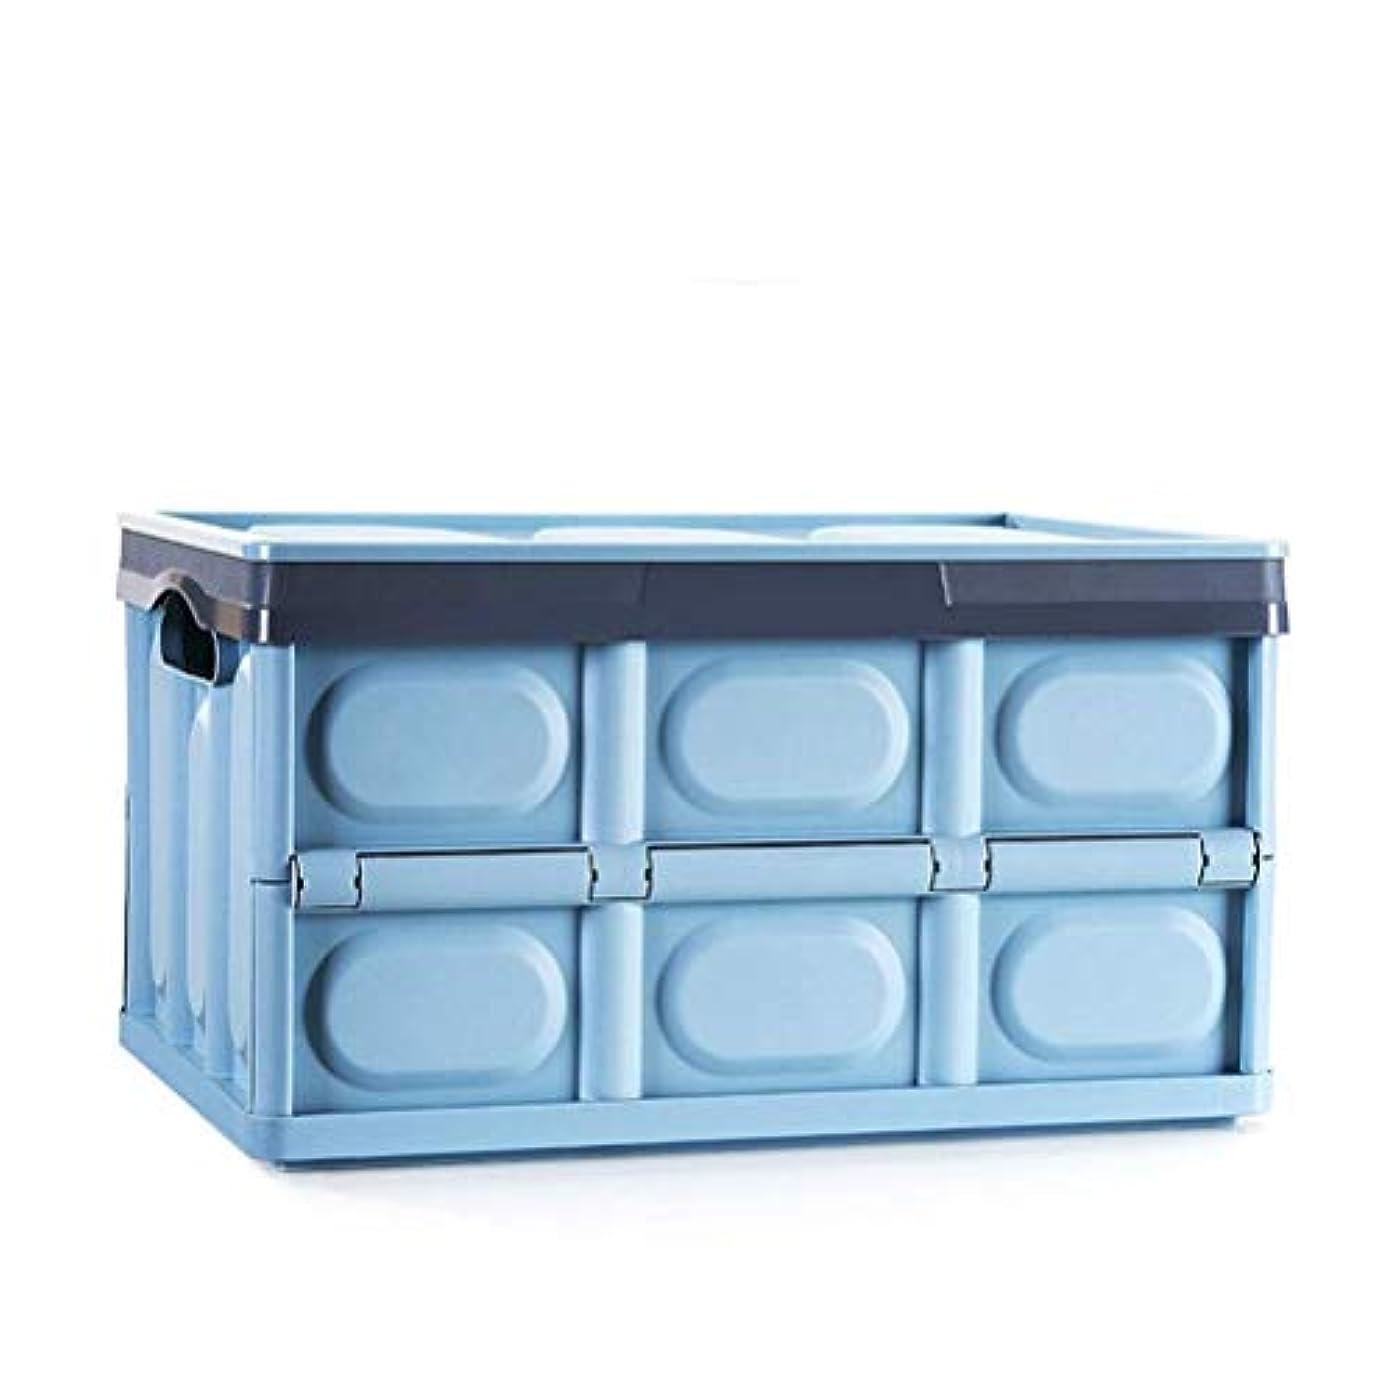 日光宇宙船無力HLDY カバー衣類折りたたみ収納ボックス車のバックアップ収納ボックス付き厚めの特大プラスチック収納ボックス (Color : Blue)